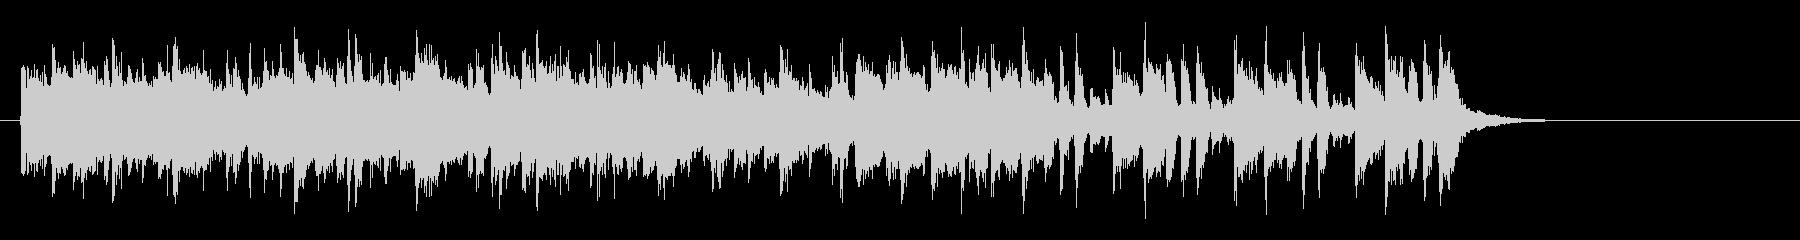 軽快なポップフュージョン(サビ~エンド)の未再生の波形